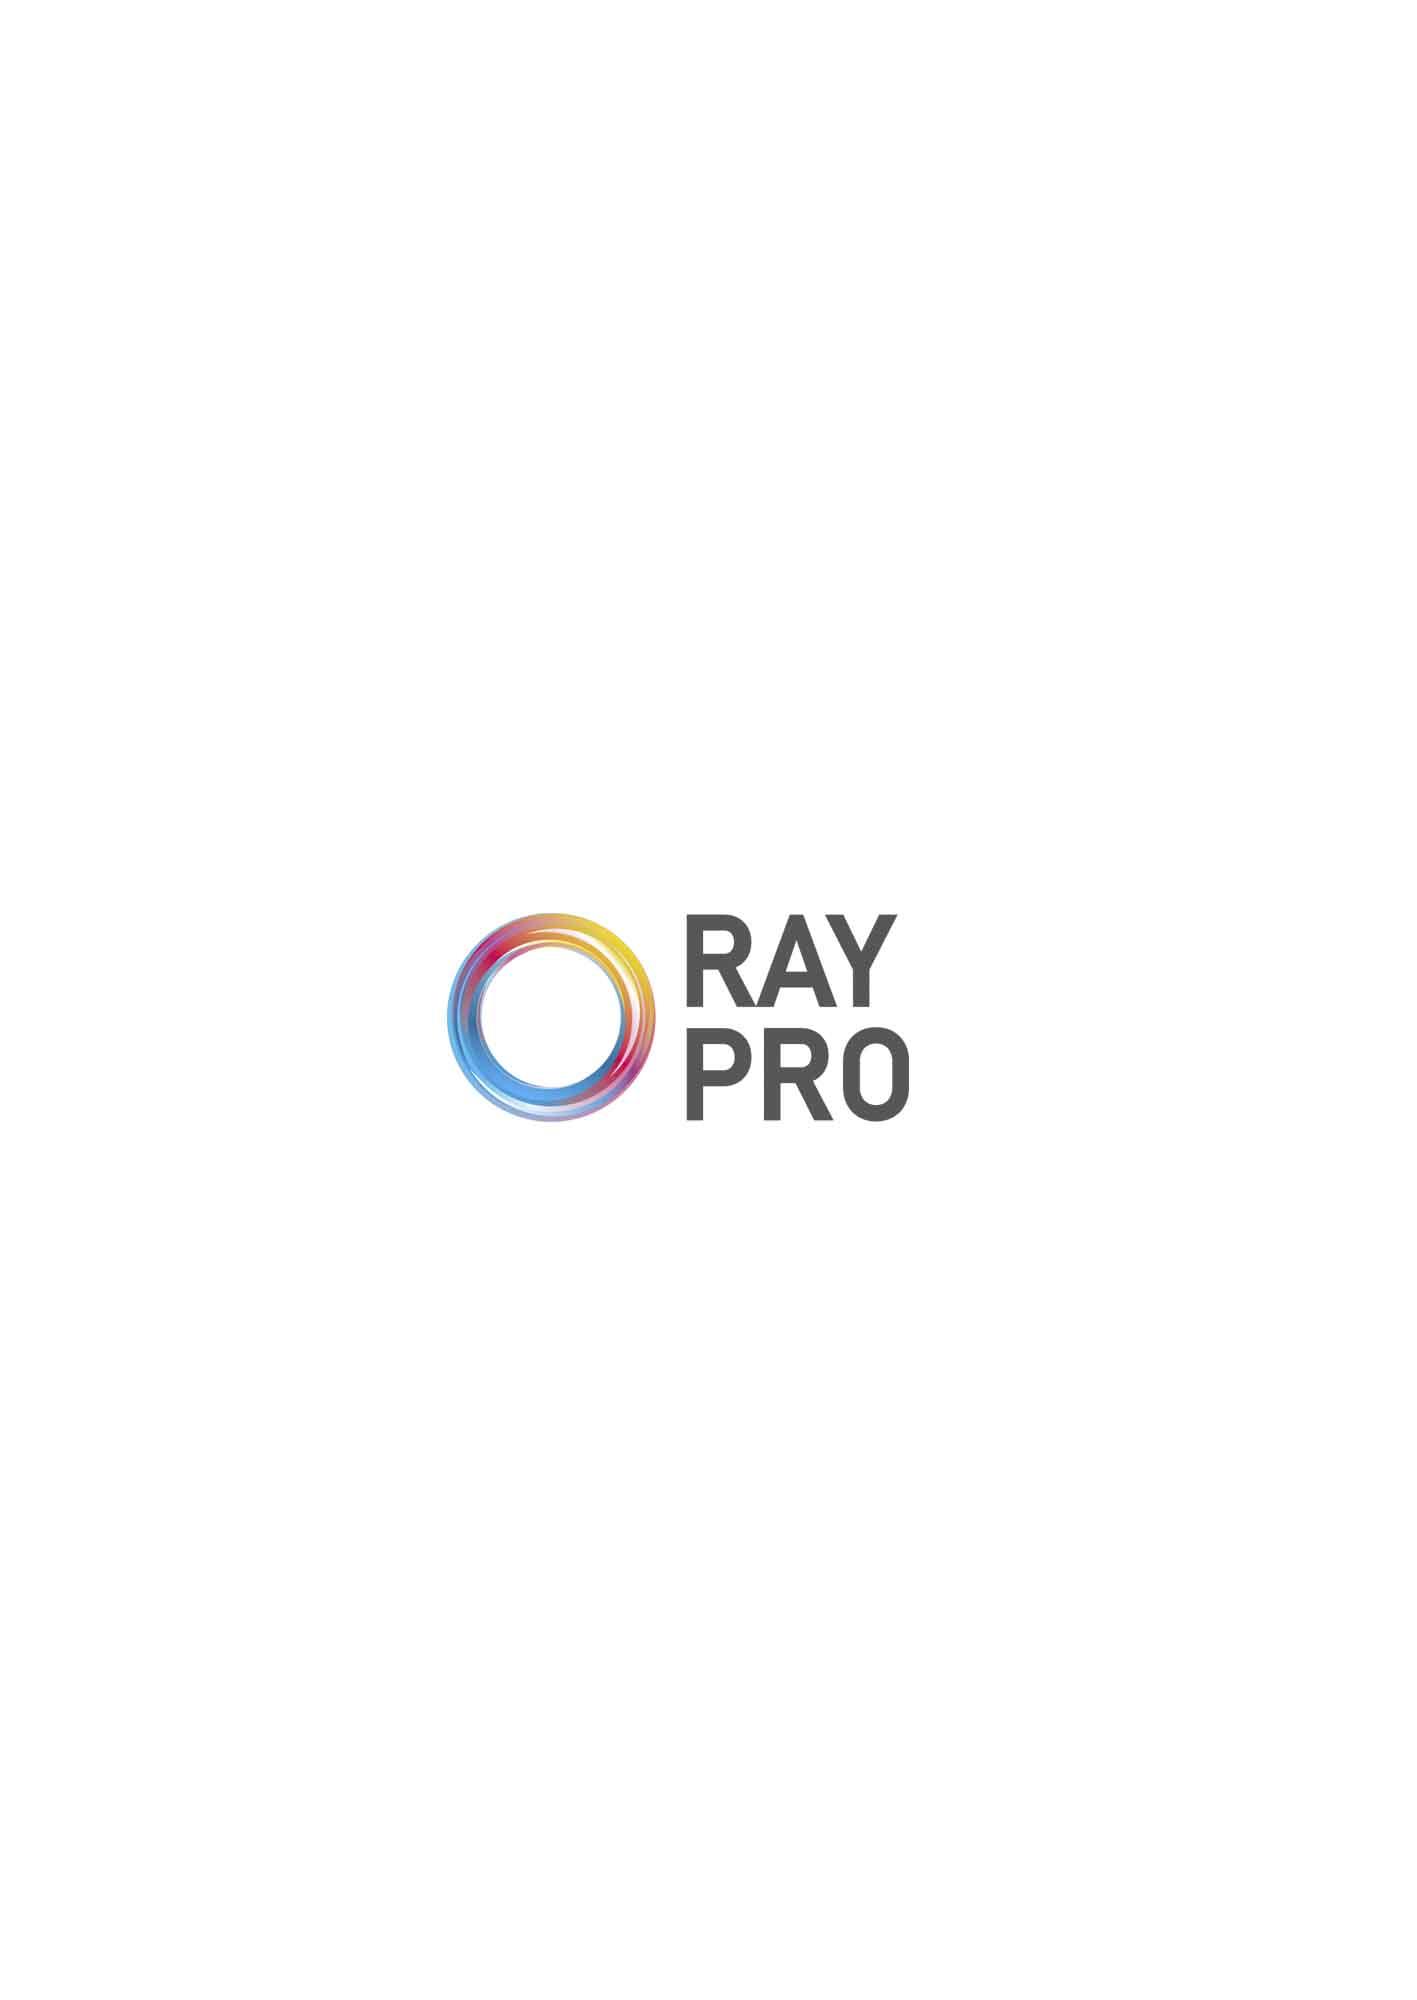 Разработка логотипа (продукт - светодиодная лента) фото f_8465bc0f558b7642.jpg